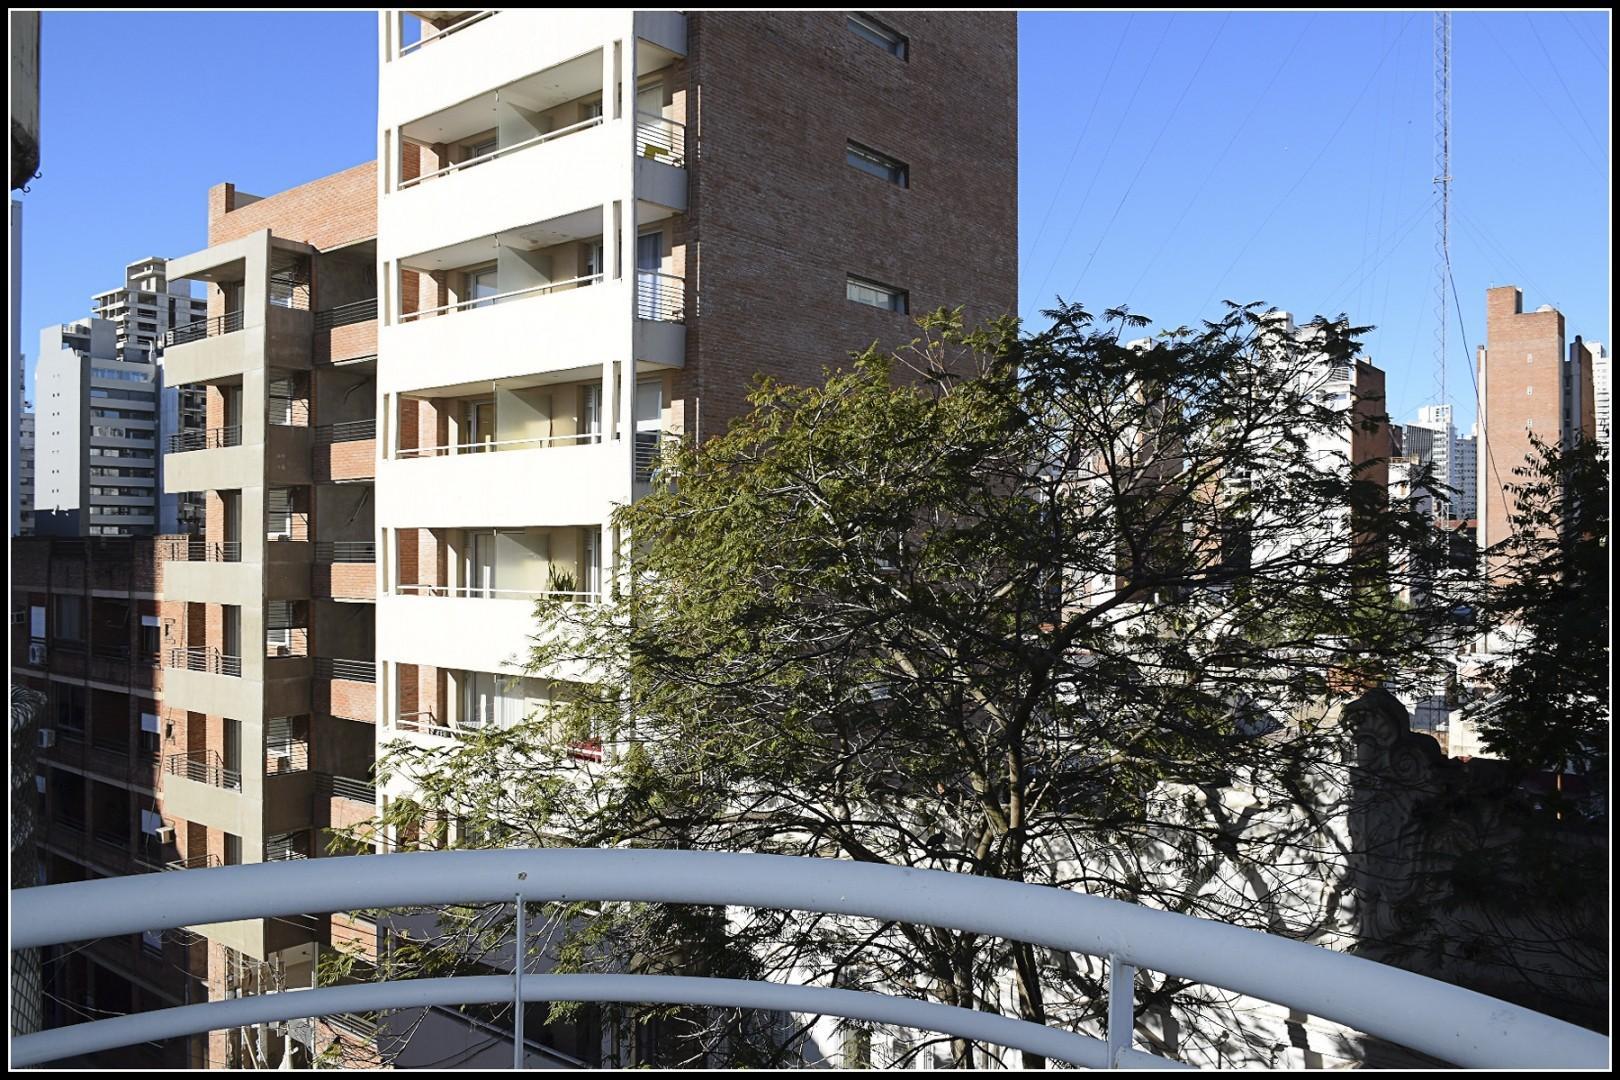 DORREGO 166 EXCELENTE DPTO 2 DORMITORIOS C/ BALCON Y COCHERA